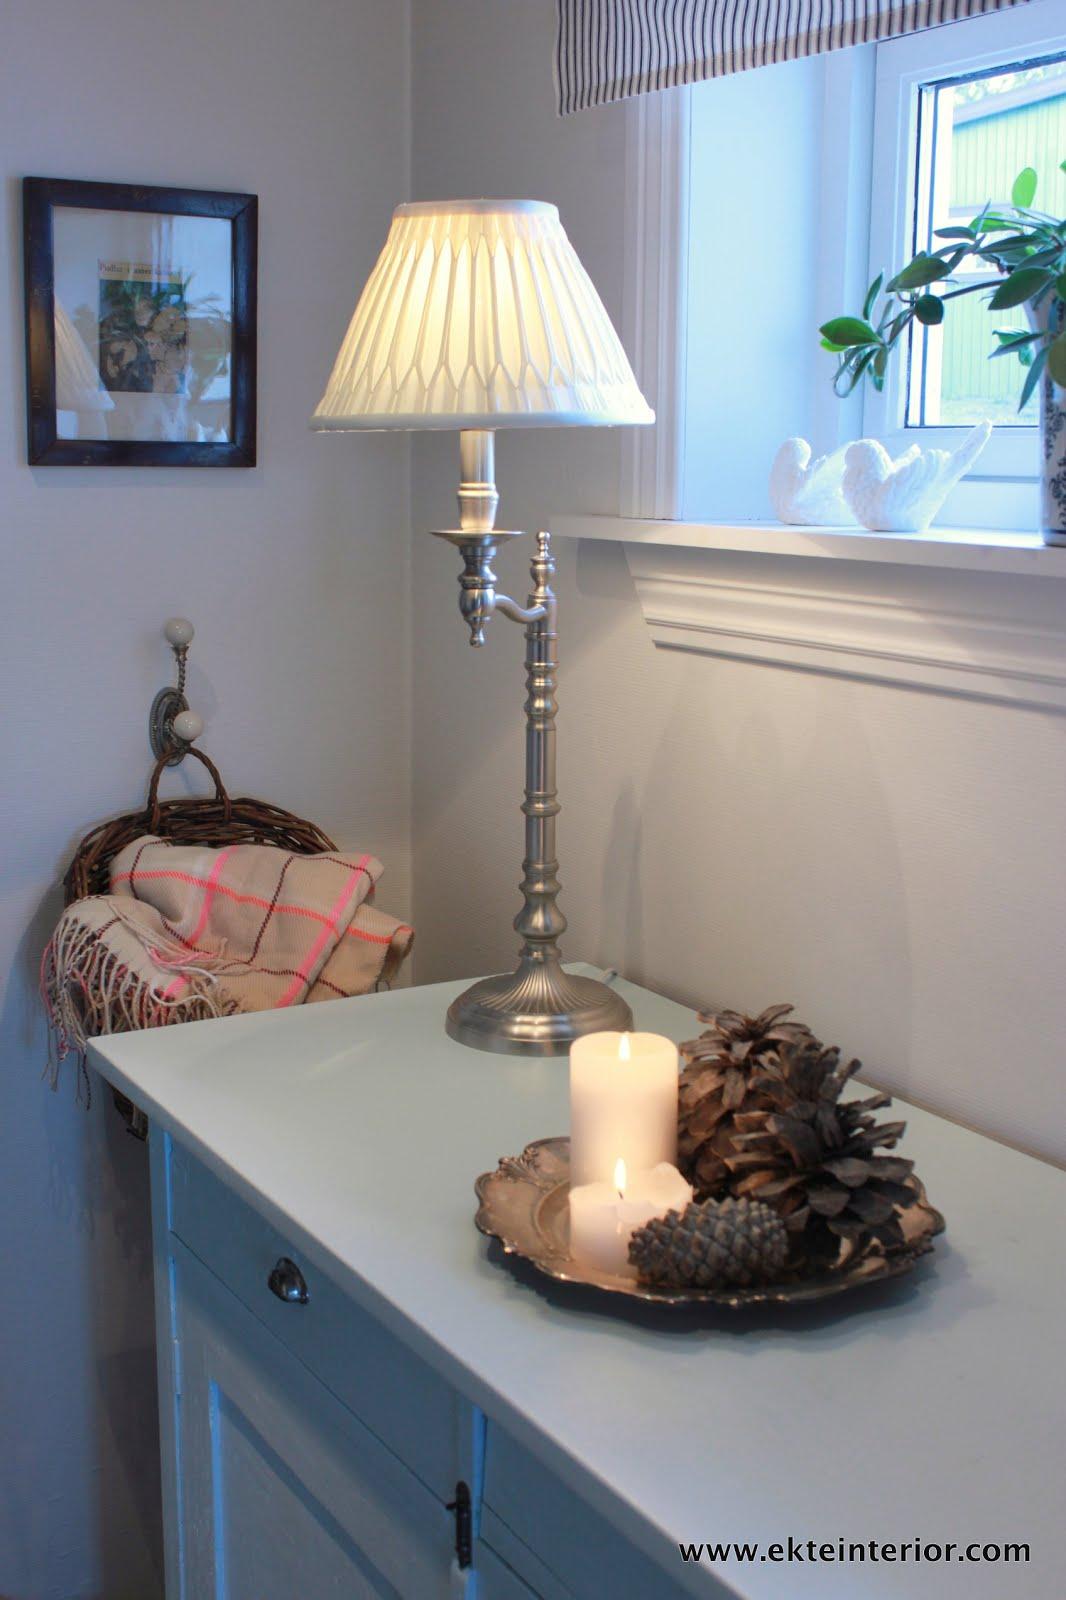 ekte interi r laura ashley i gangen. Black Bedroom Furniture Sets. Home Design Ideas